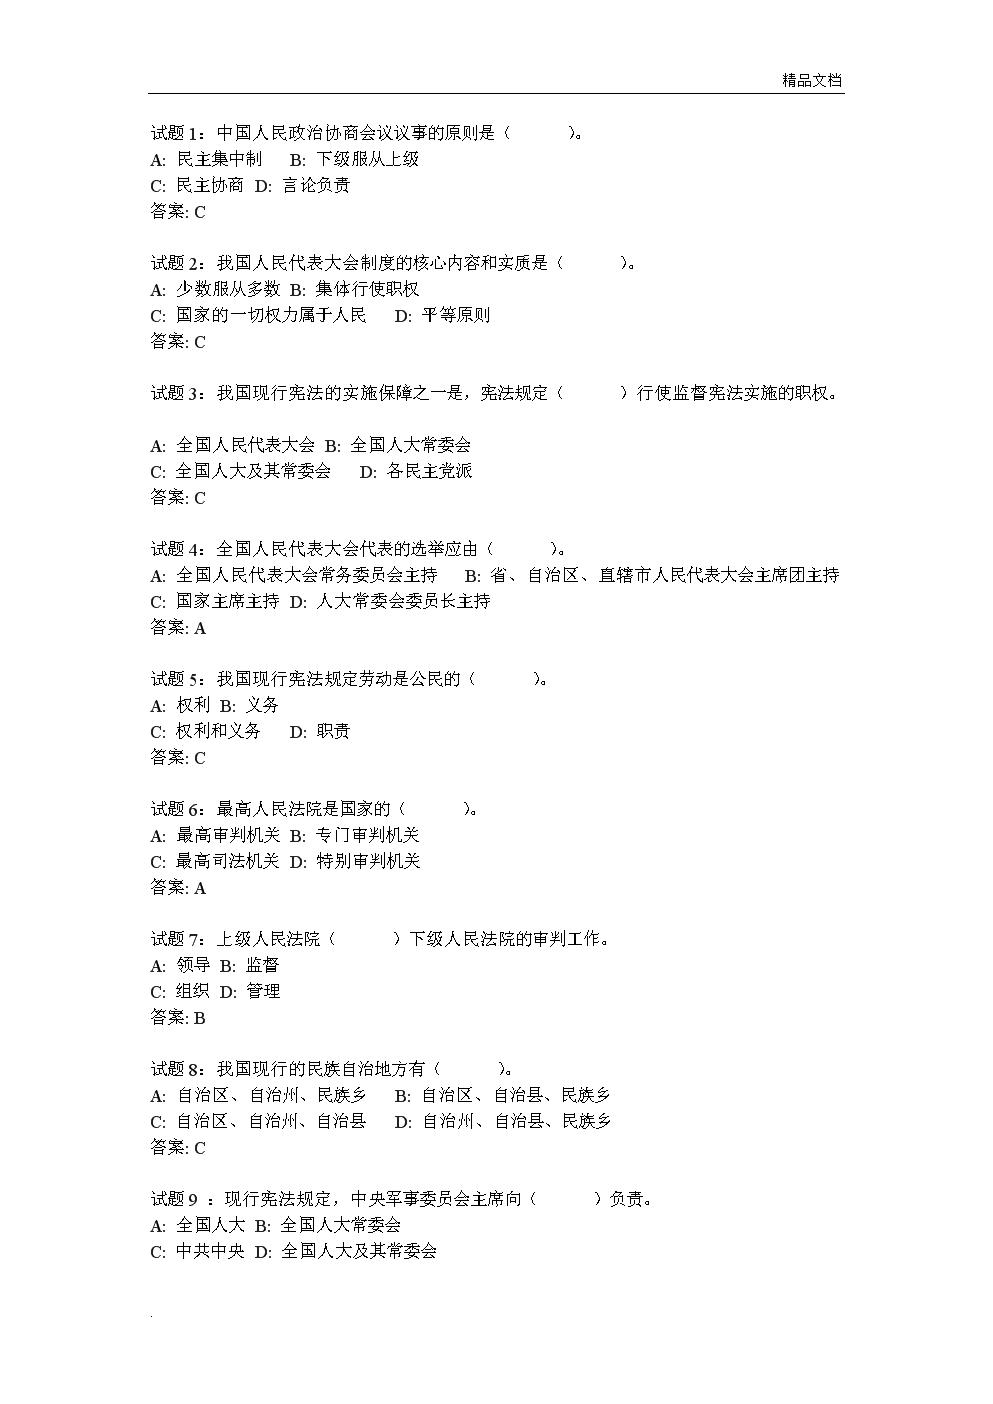 2016 事业编公共基础知识宪法选择300题+答案.doc